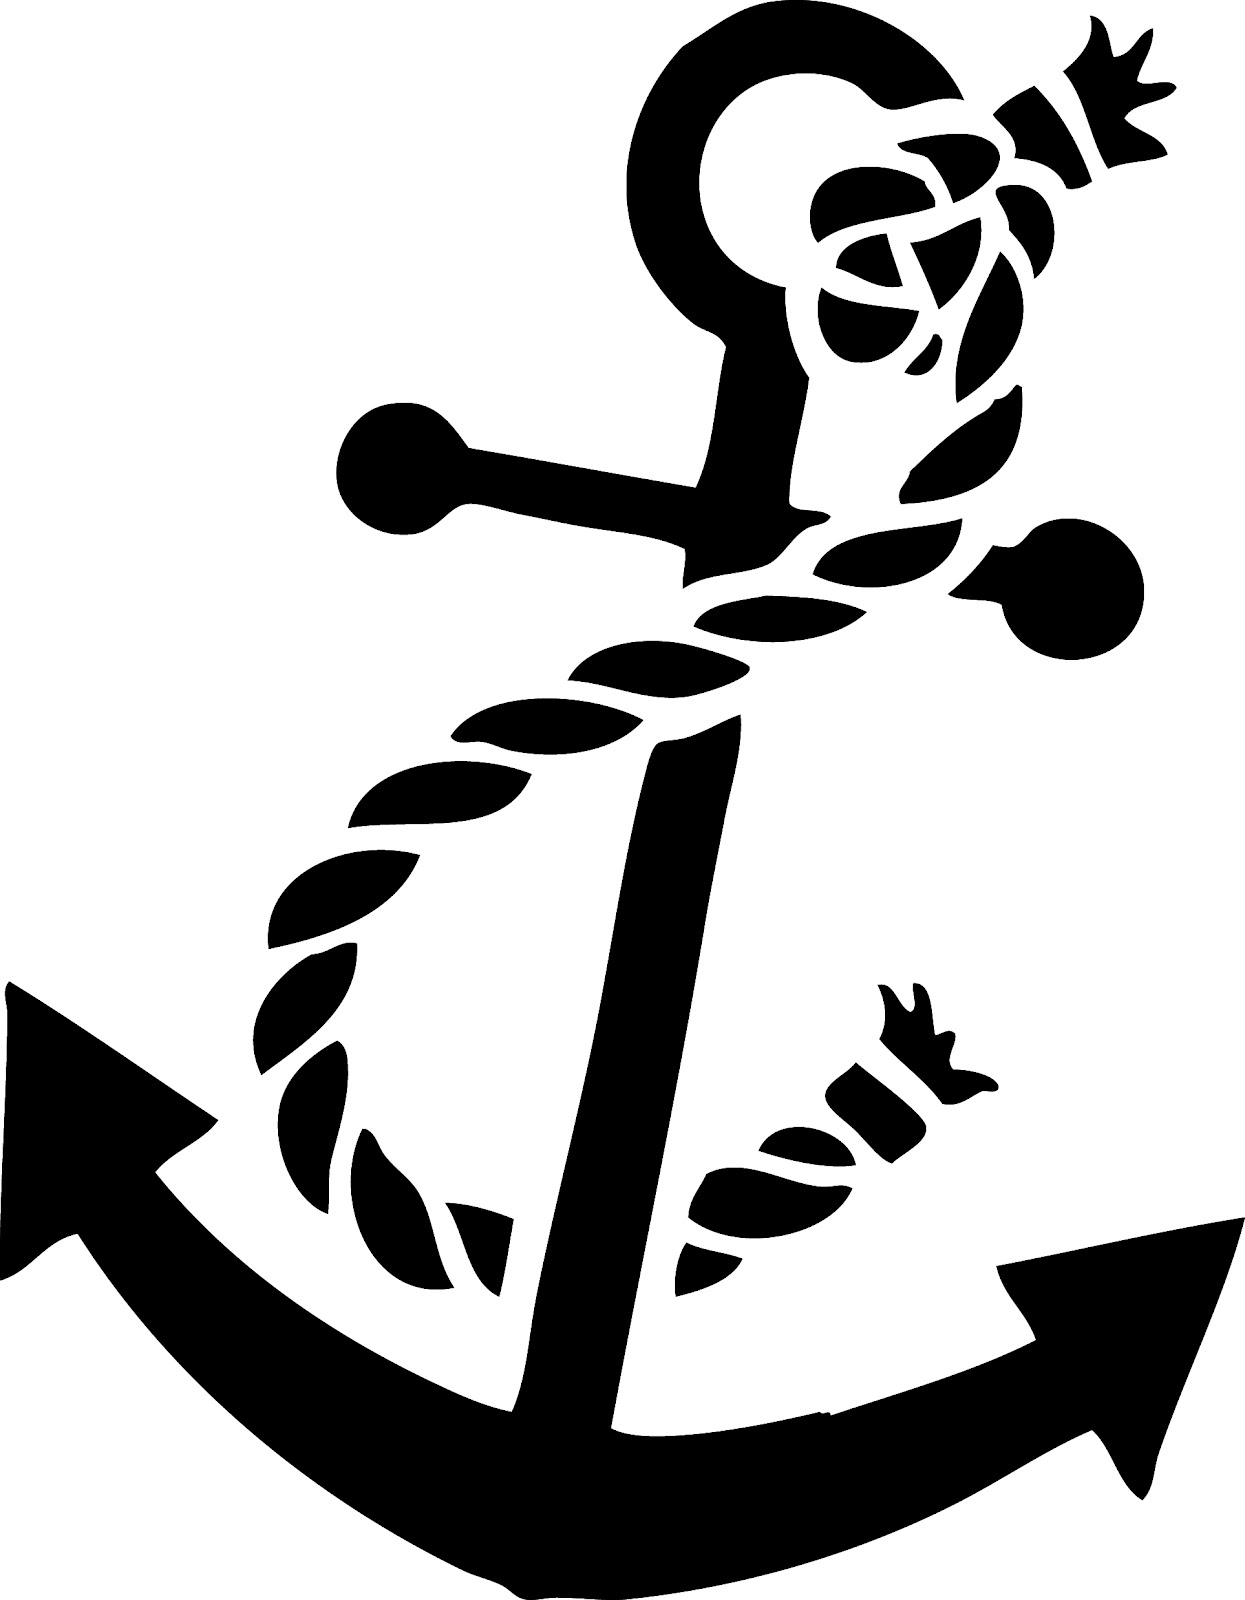 Clipart anchor logo free stock Nautical Anchor With Rope Clipart - Clipart Kid free stock